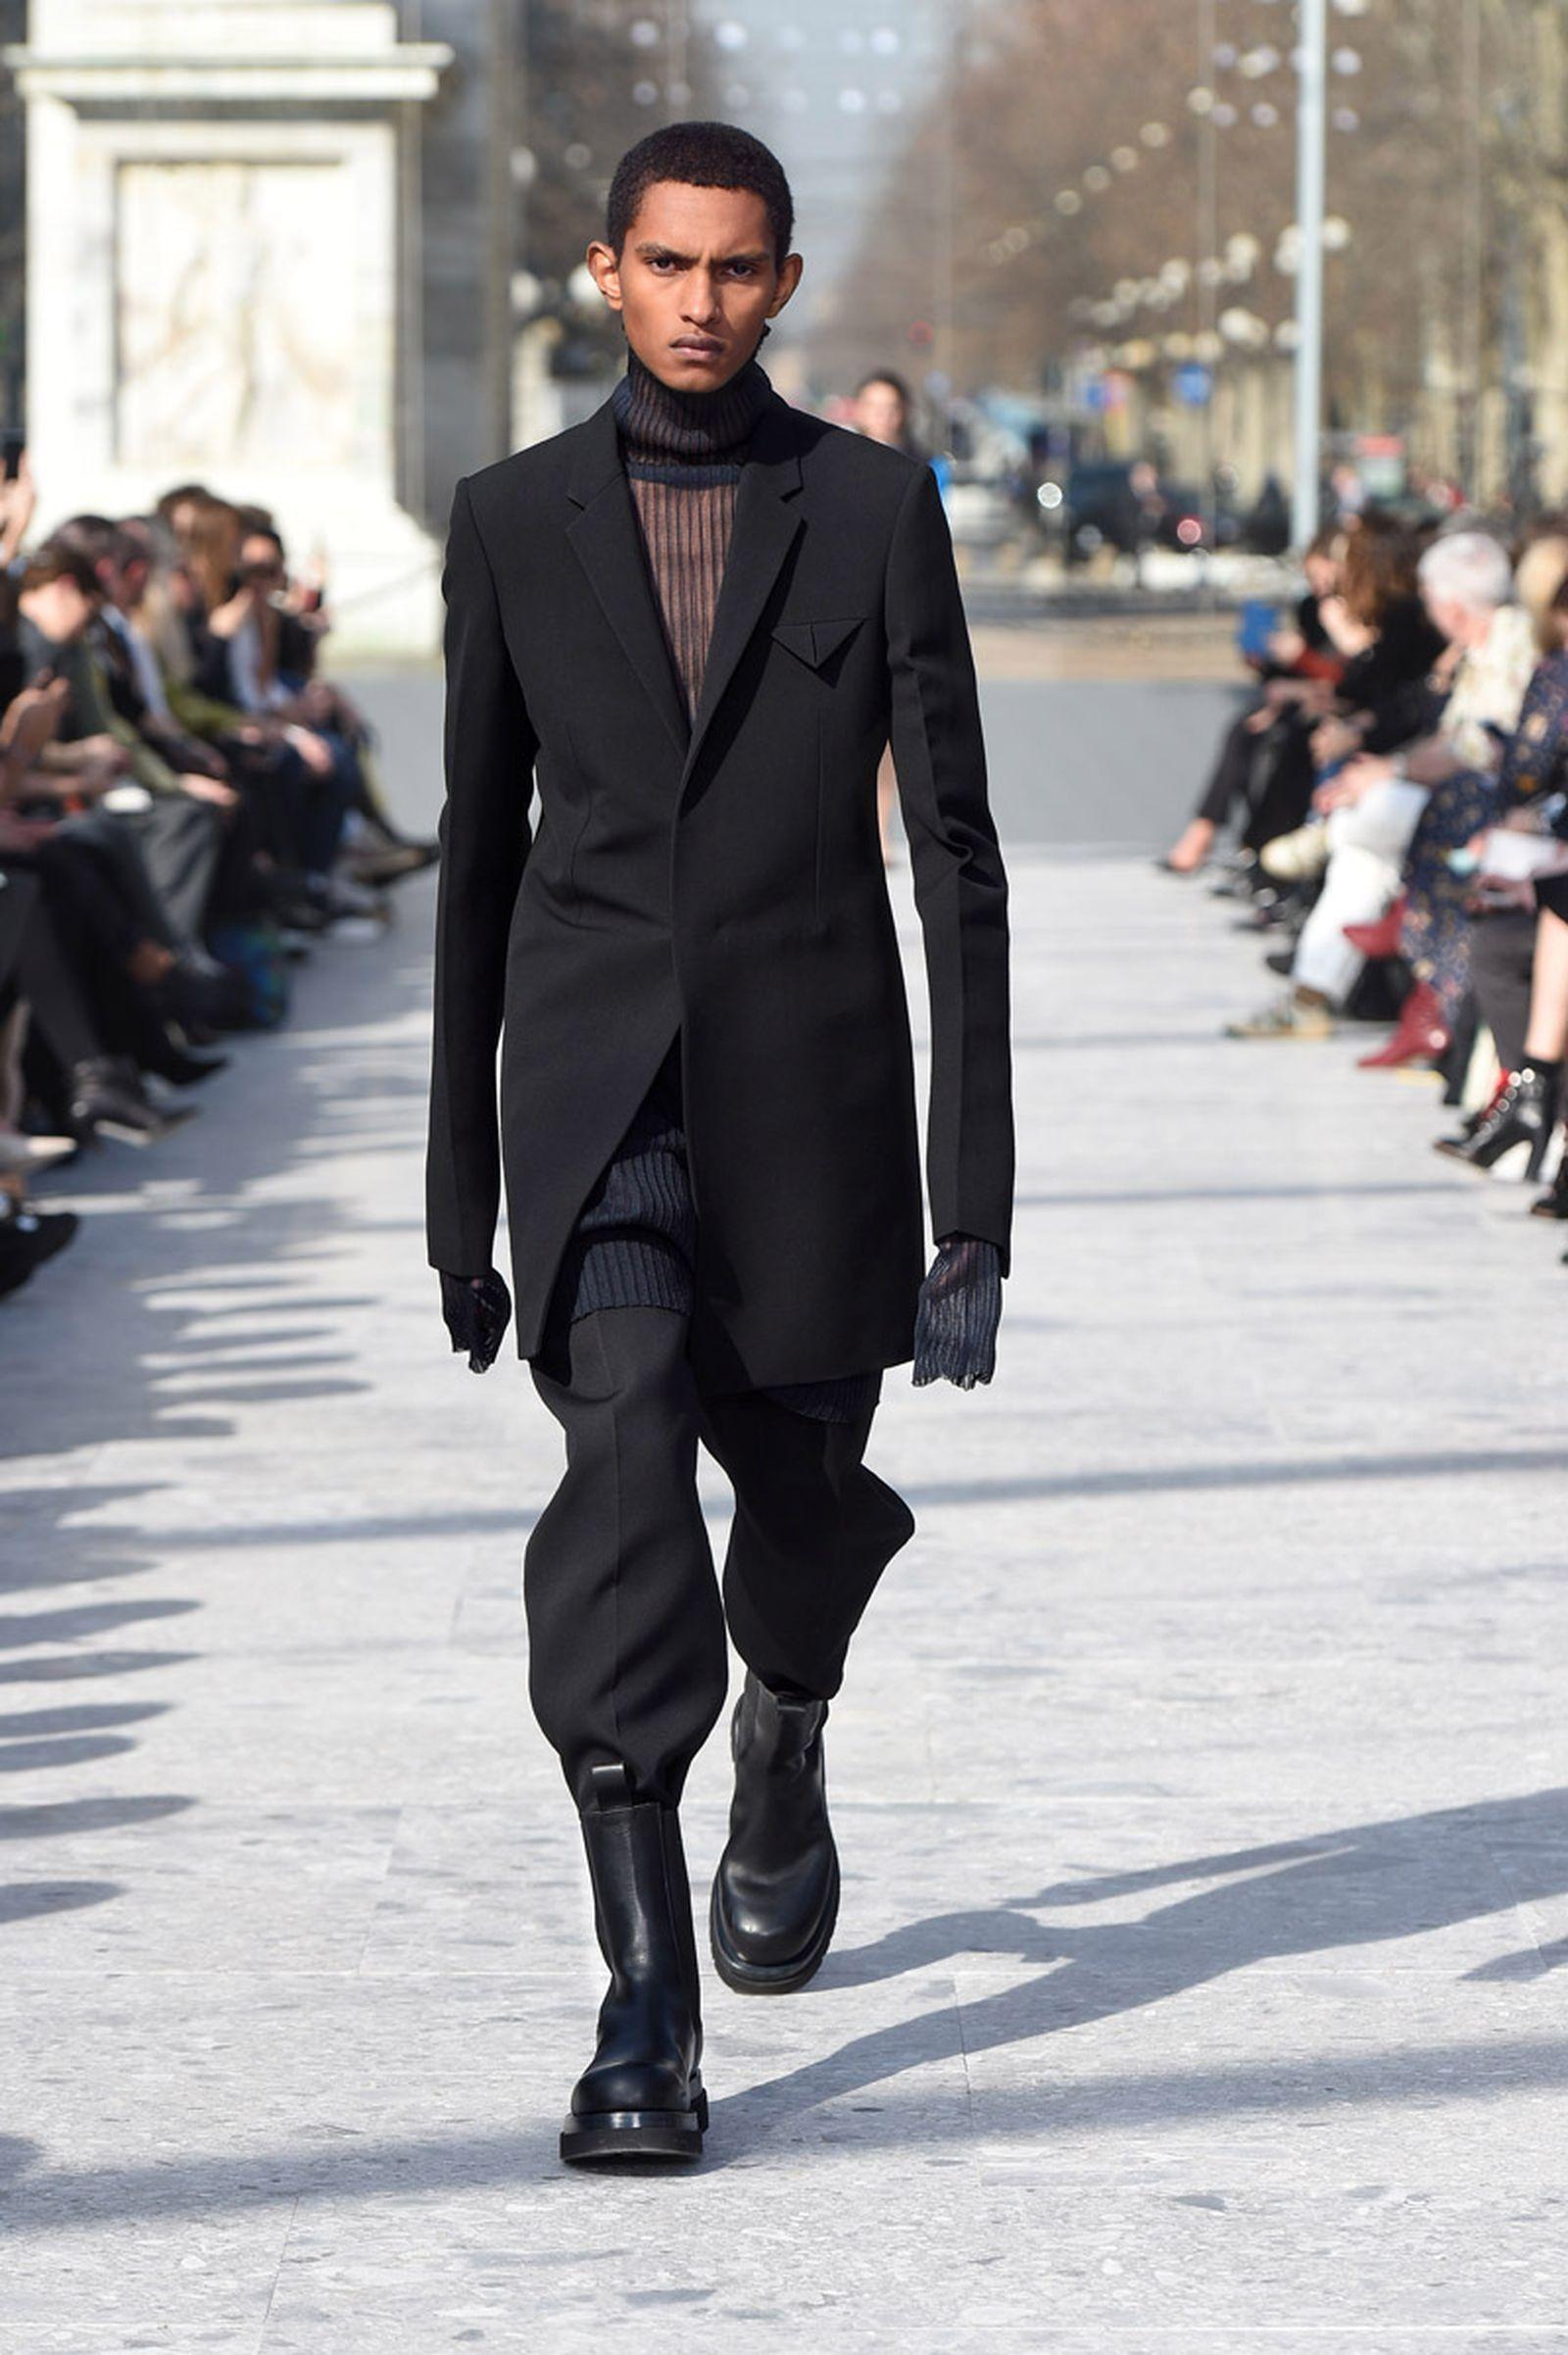 bottega-veneta-is-bringing-timeless-luxury-back-to-fashion-30